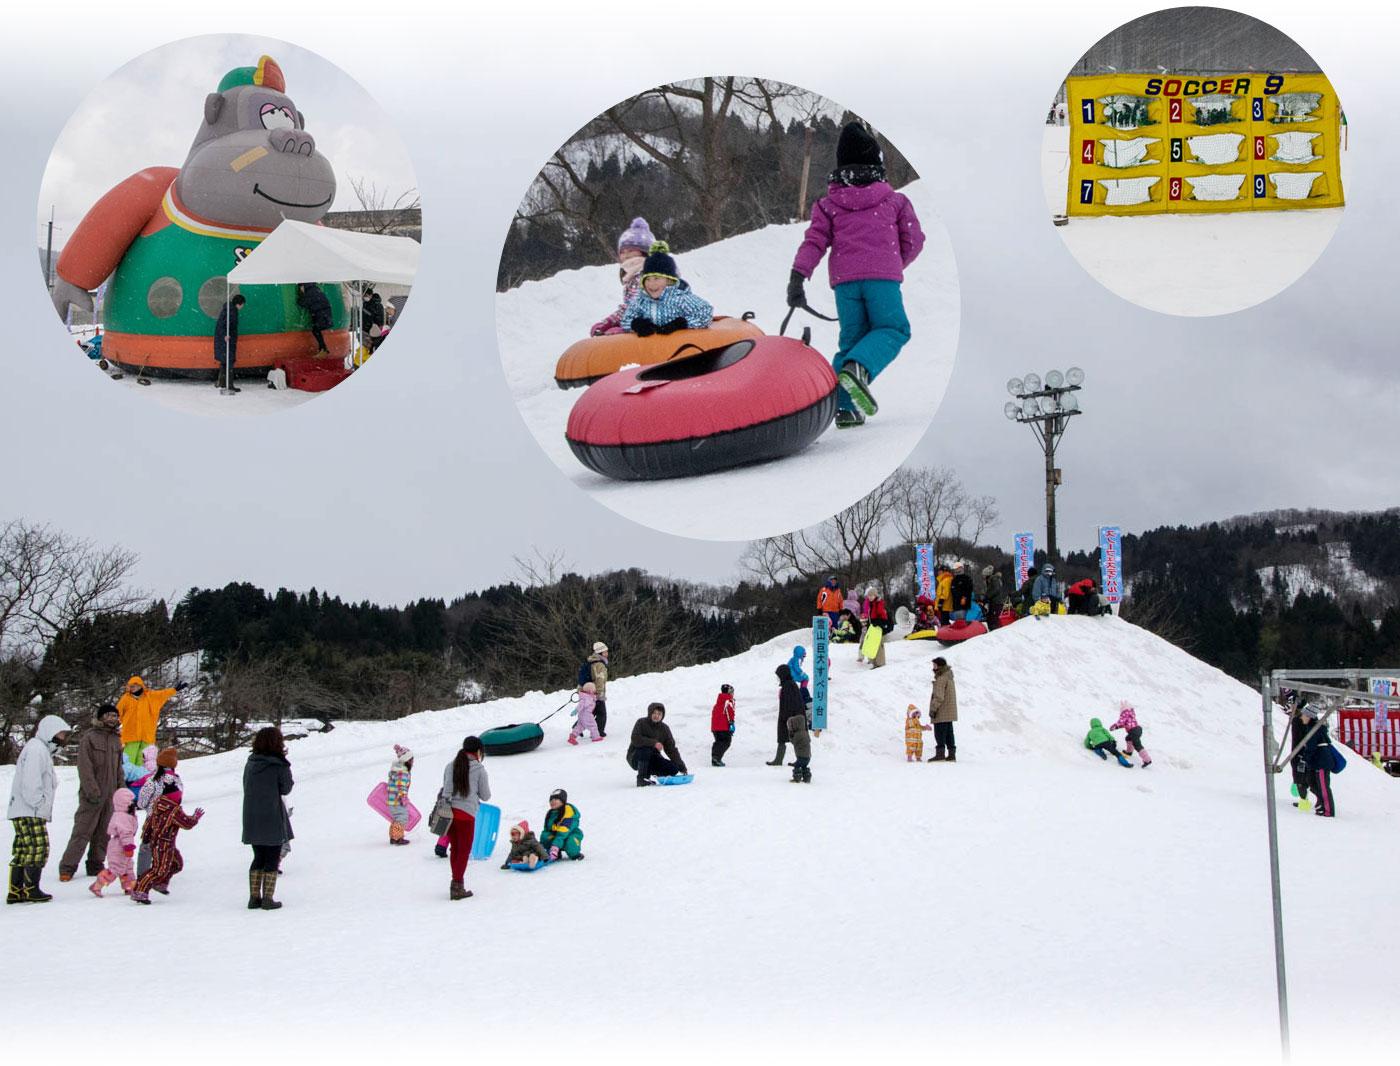 雪山巨大すべり台,ふわふわドーム,雪上PK合戦